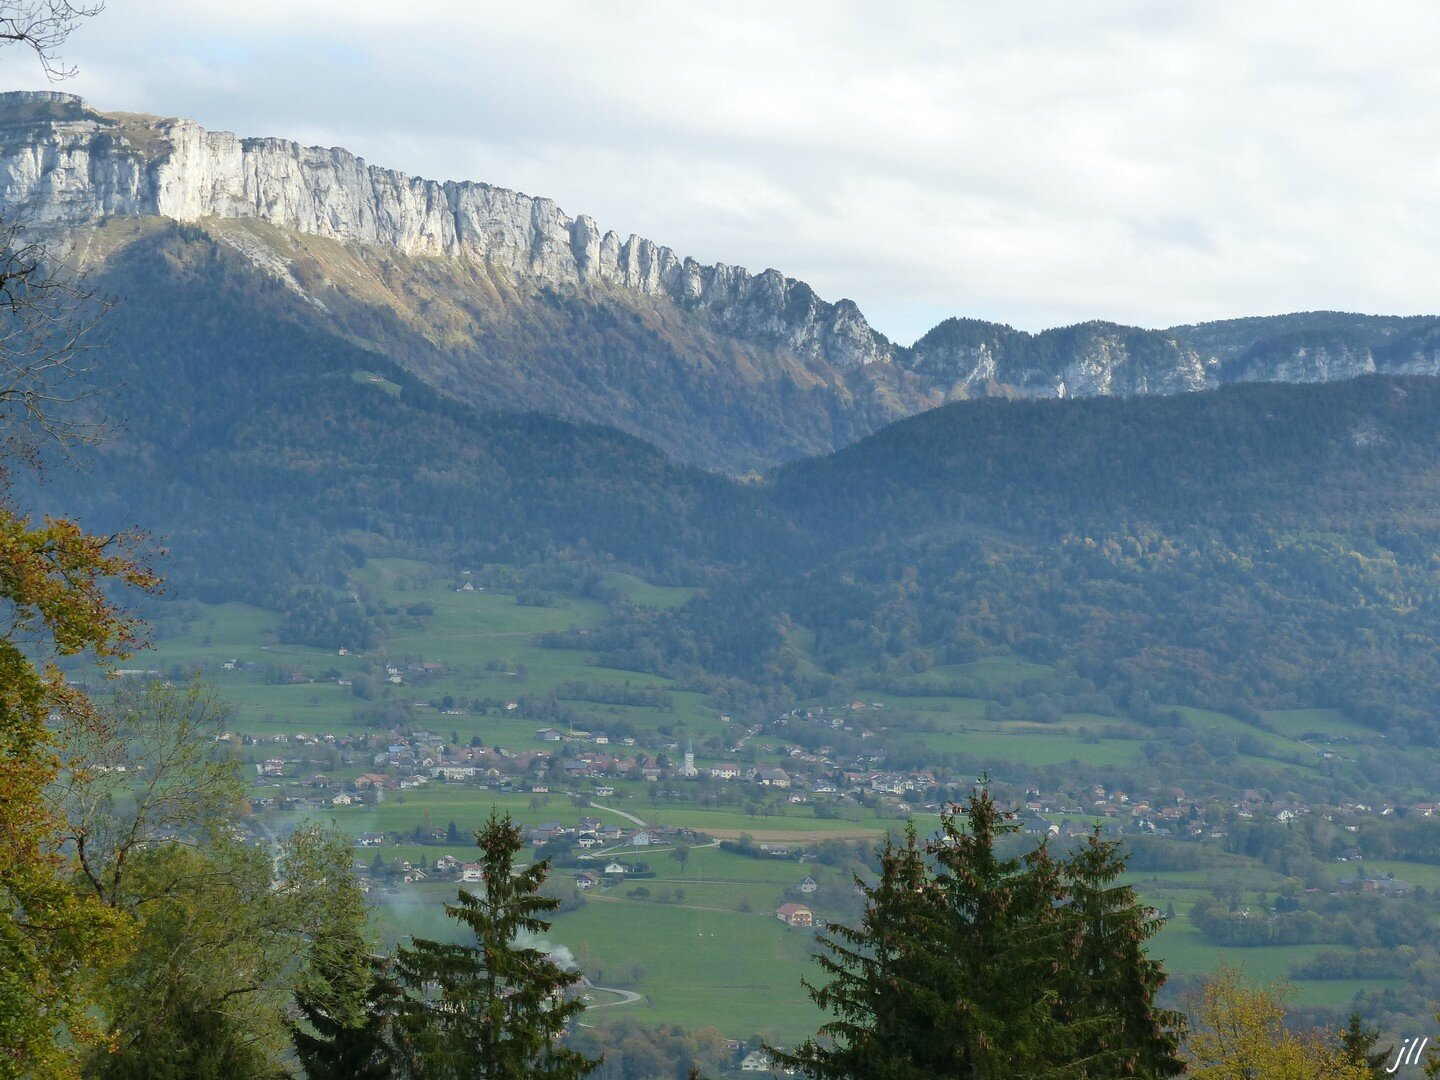 P1150635 la vallée de la Fillière, le Parmelan, ainsi qu'une partie de la chaîne des Aravis